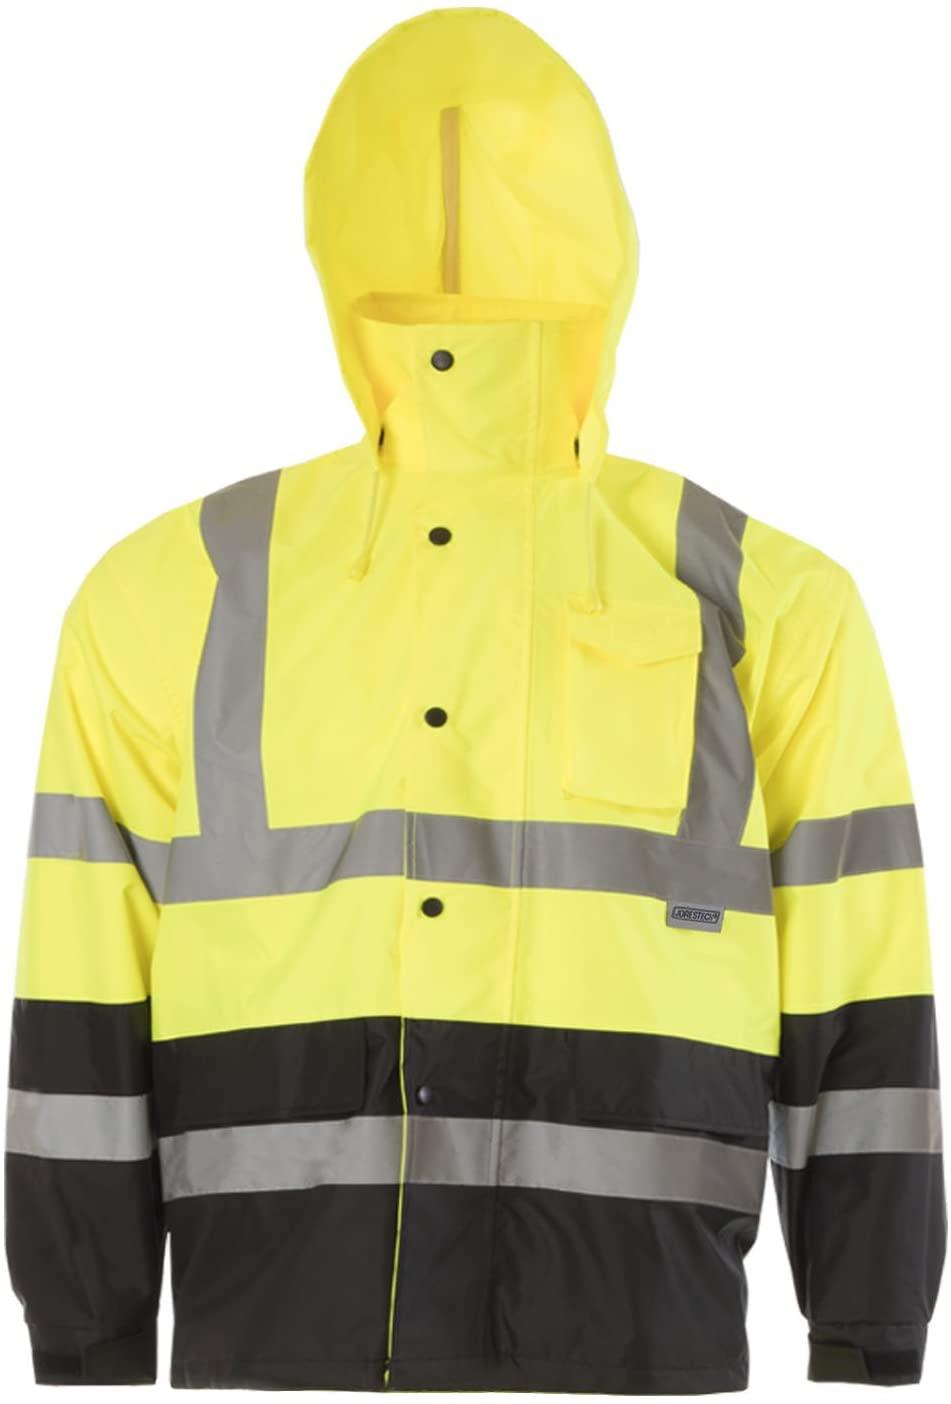 JORESTECH High Visibility Light Weight Waterproof Rain Jacket ANSI/ISEA 107-2015 Class 3 Level 2 Yellow/Black JK-03-YLBK (3XL)